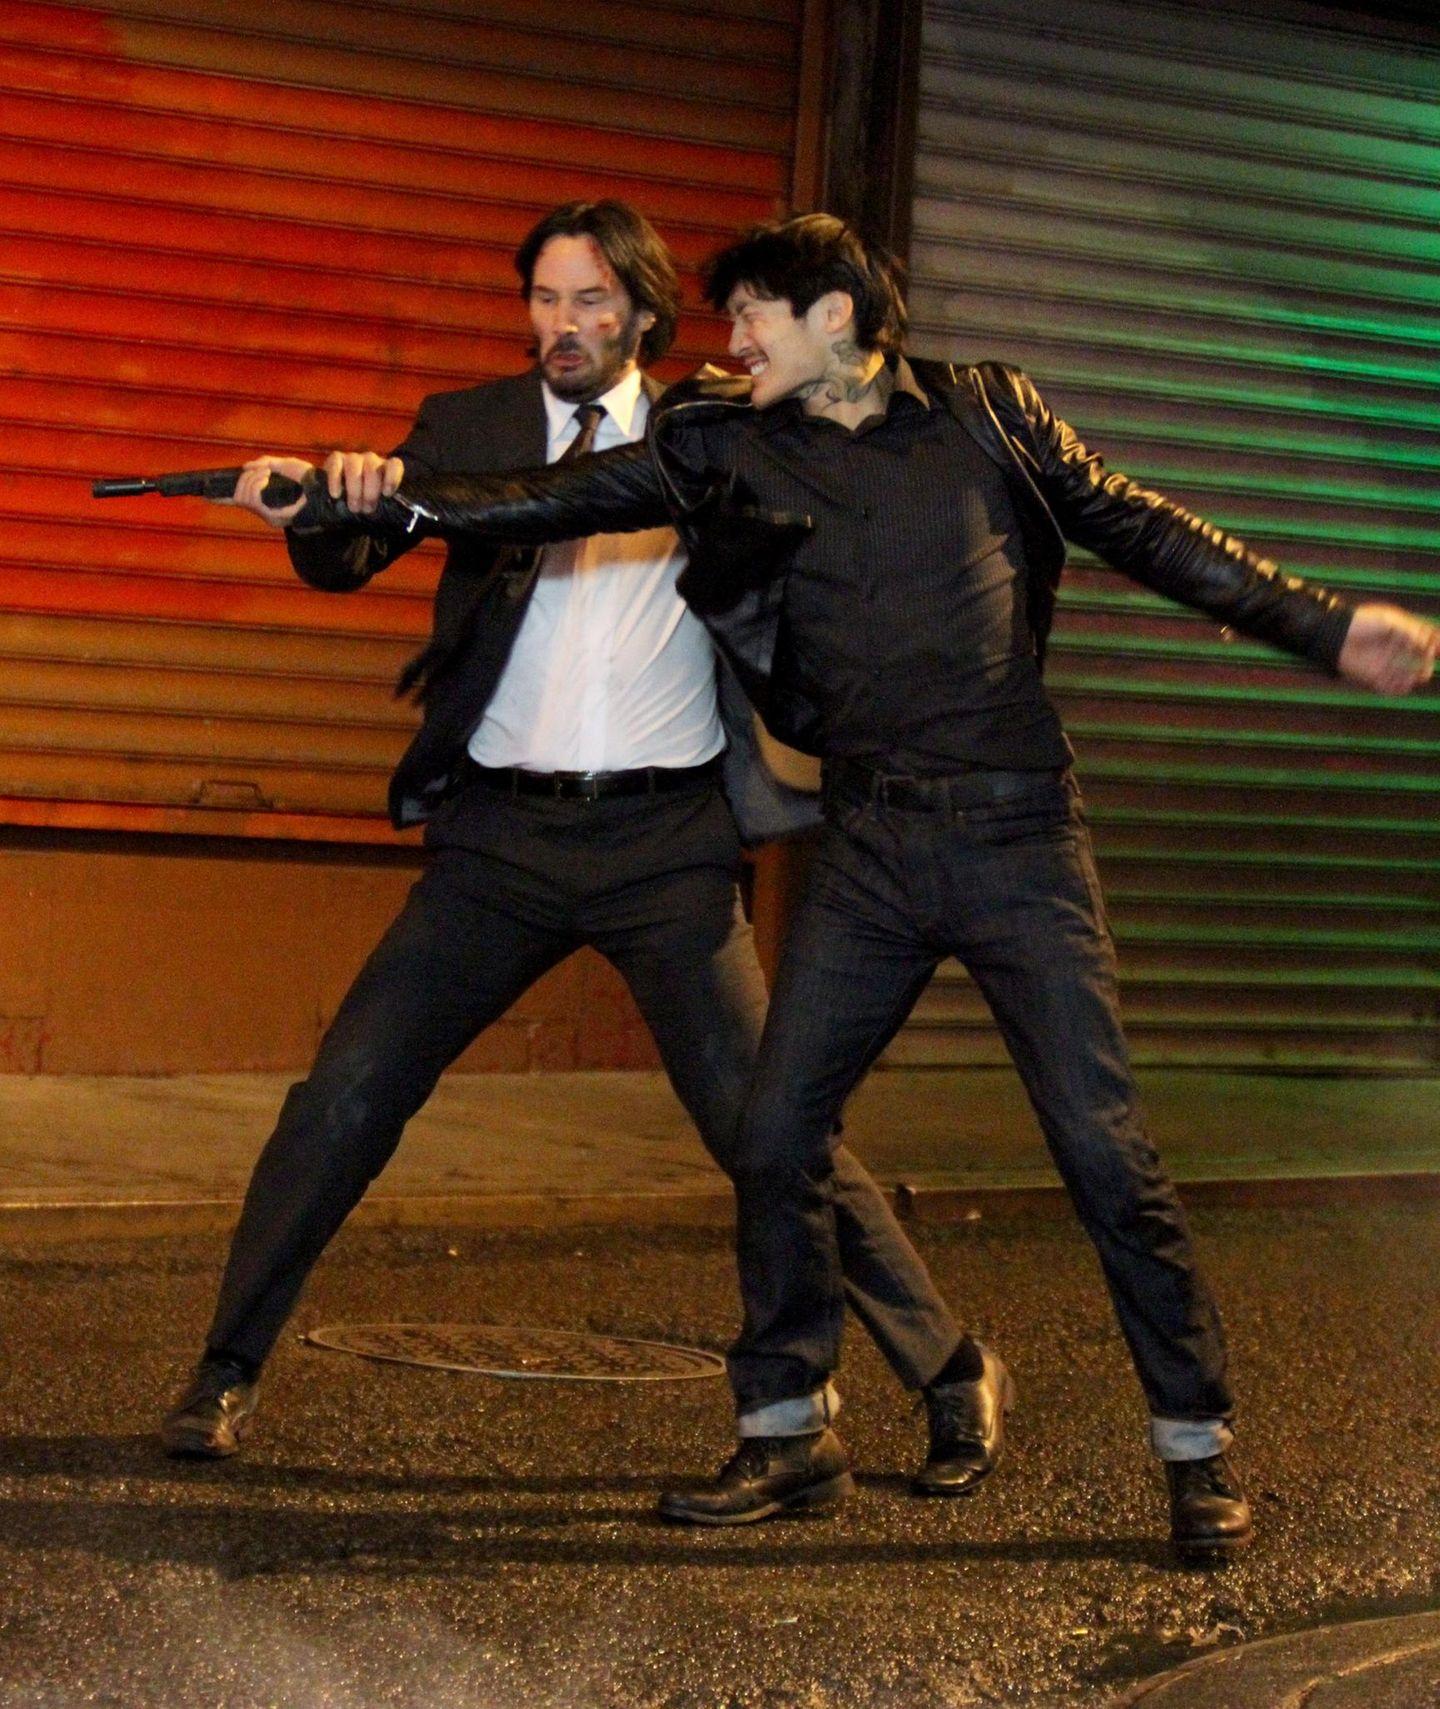 """17. November 2015: Hier geht's zu Sache: Keanu Reeves dreht eine blutige Actionszene in Chinatown für """"John Wick 2""""."""